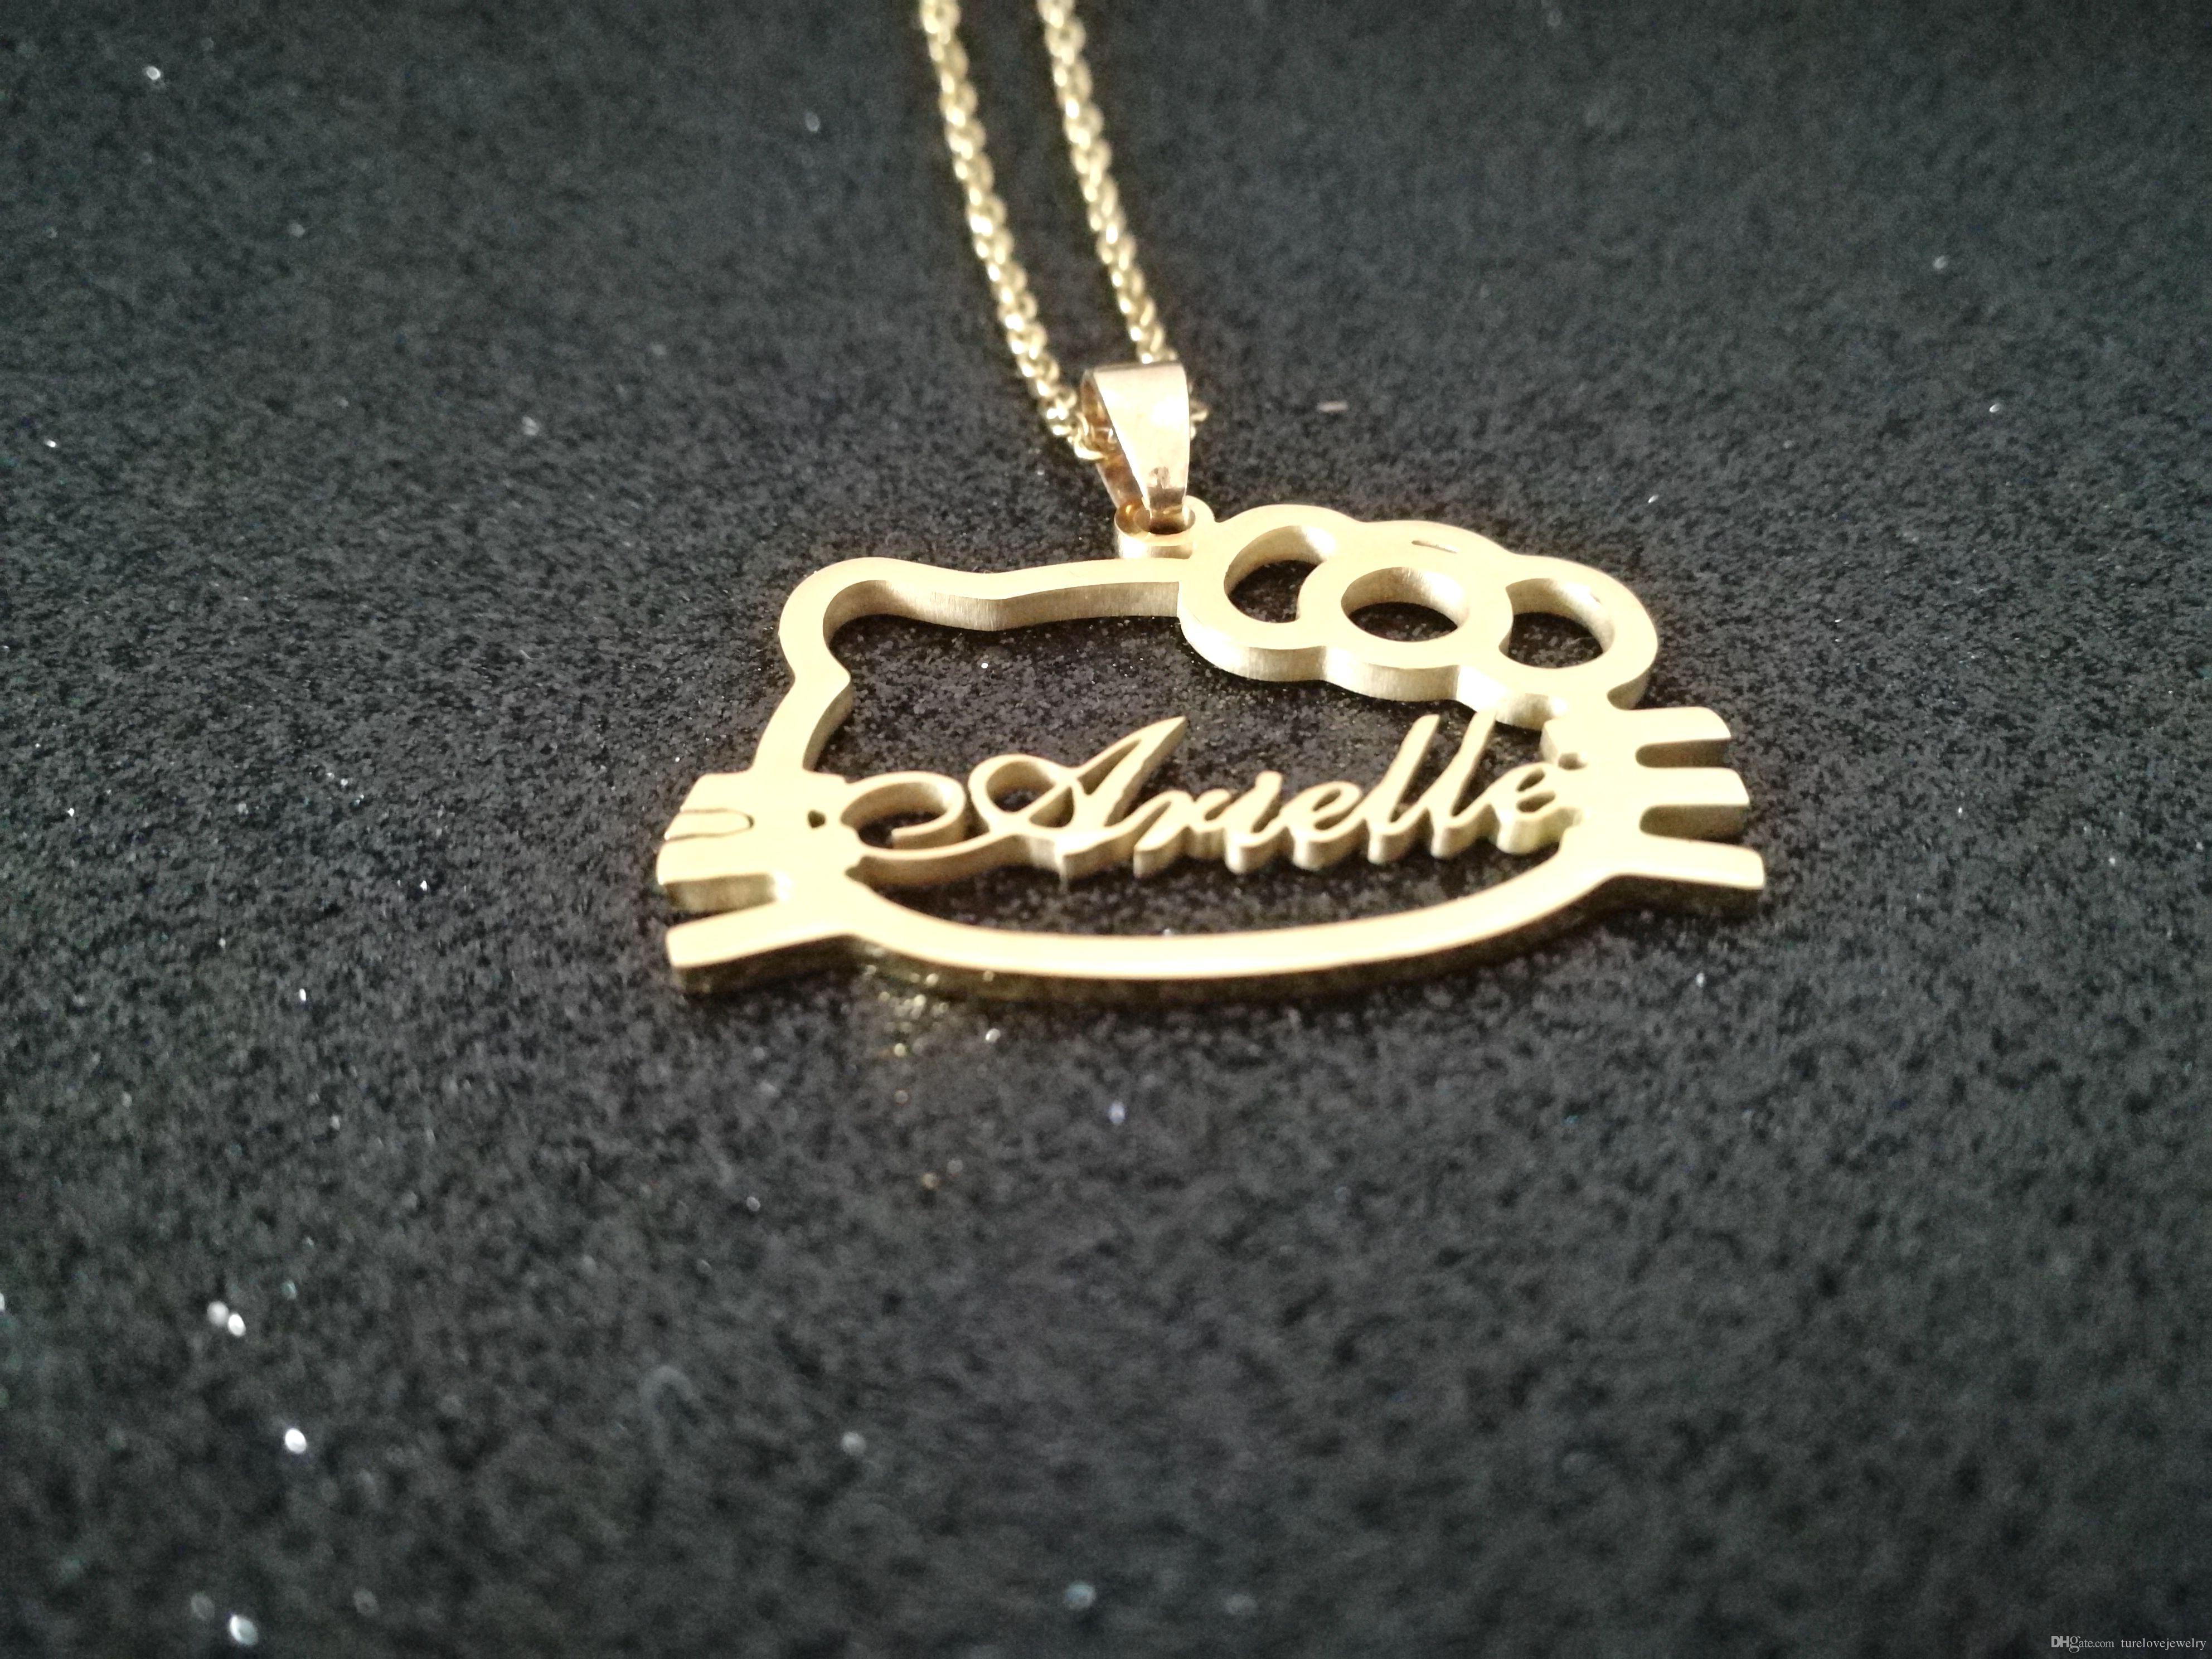 2020 or vente chaude Collier nom personnalisé en acier inoxydable plaqué personnalisé cadeau d'anniversaire de bijoux bonjour collier forme kity